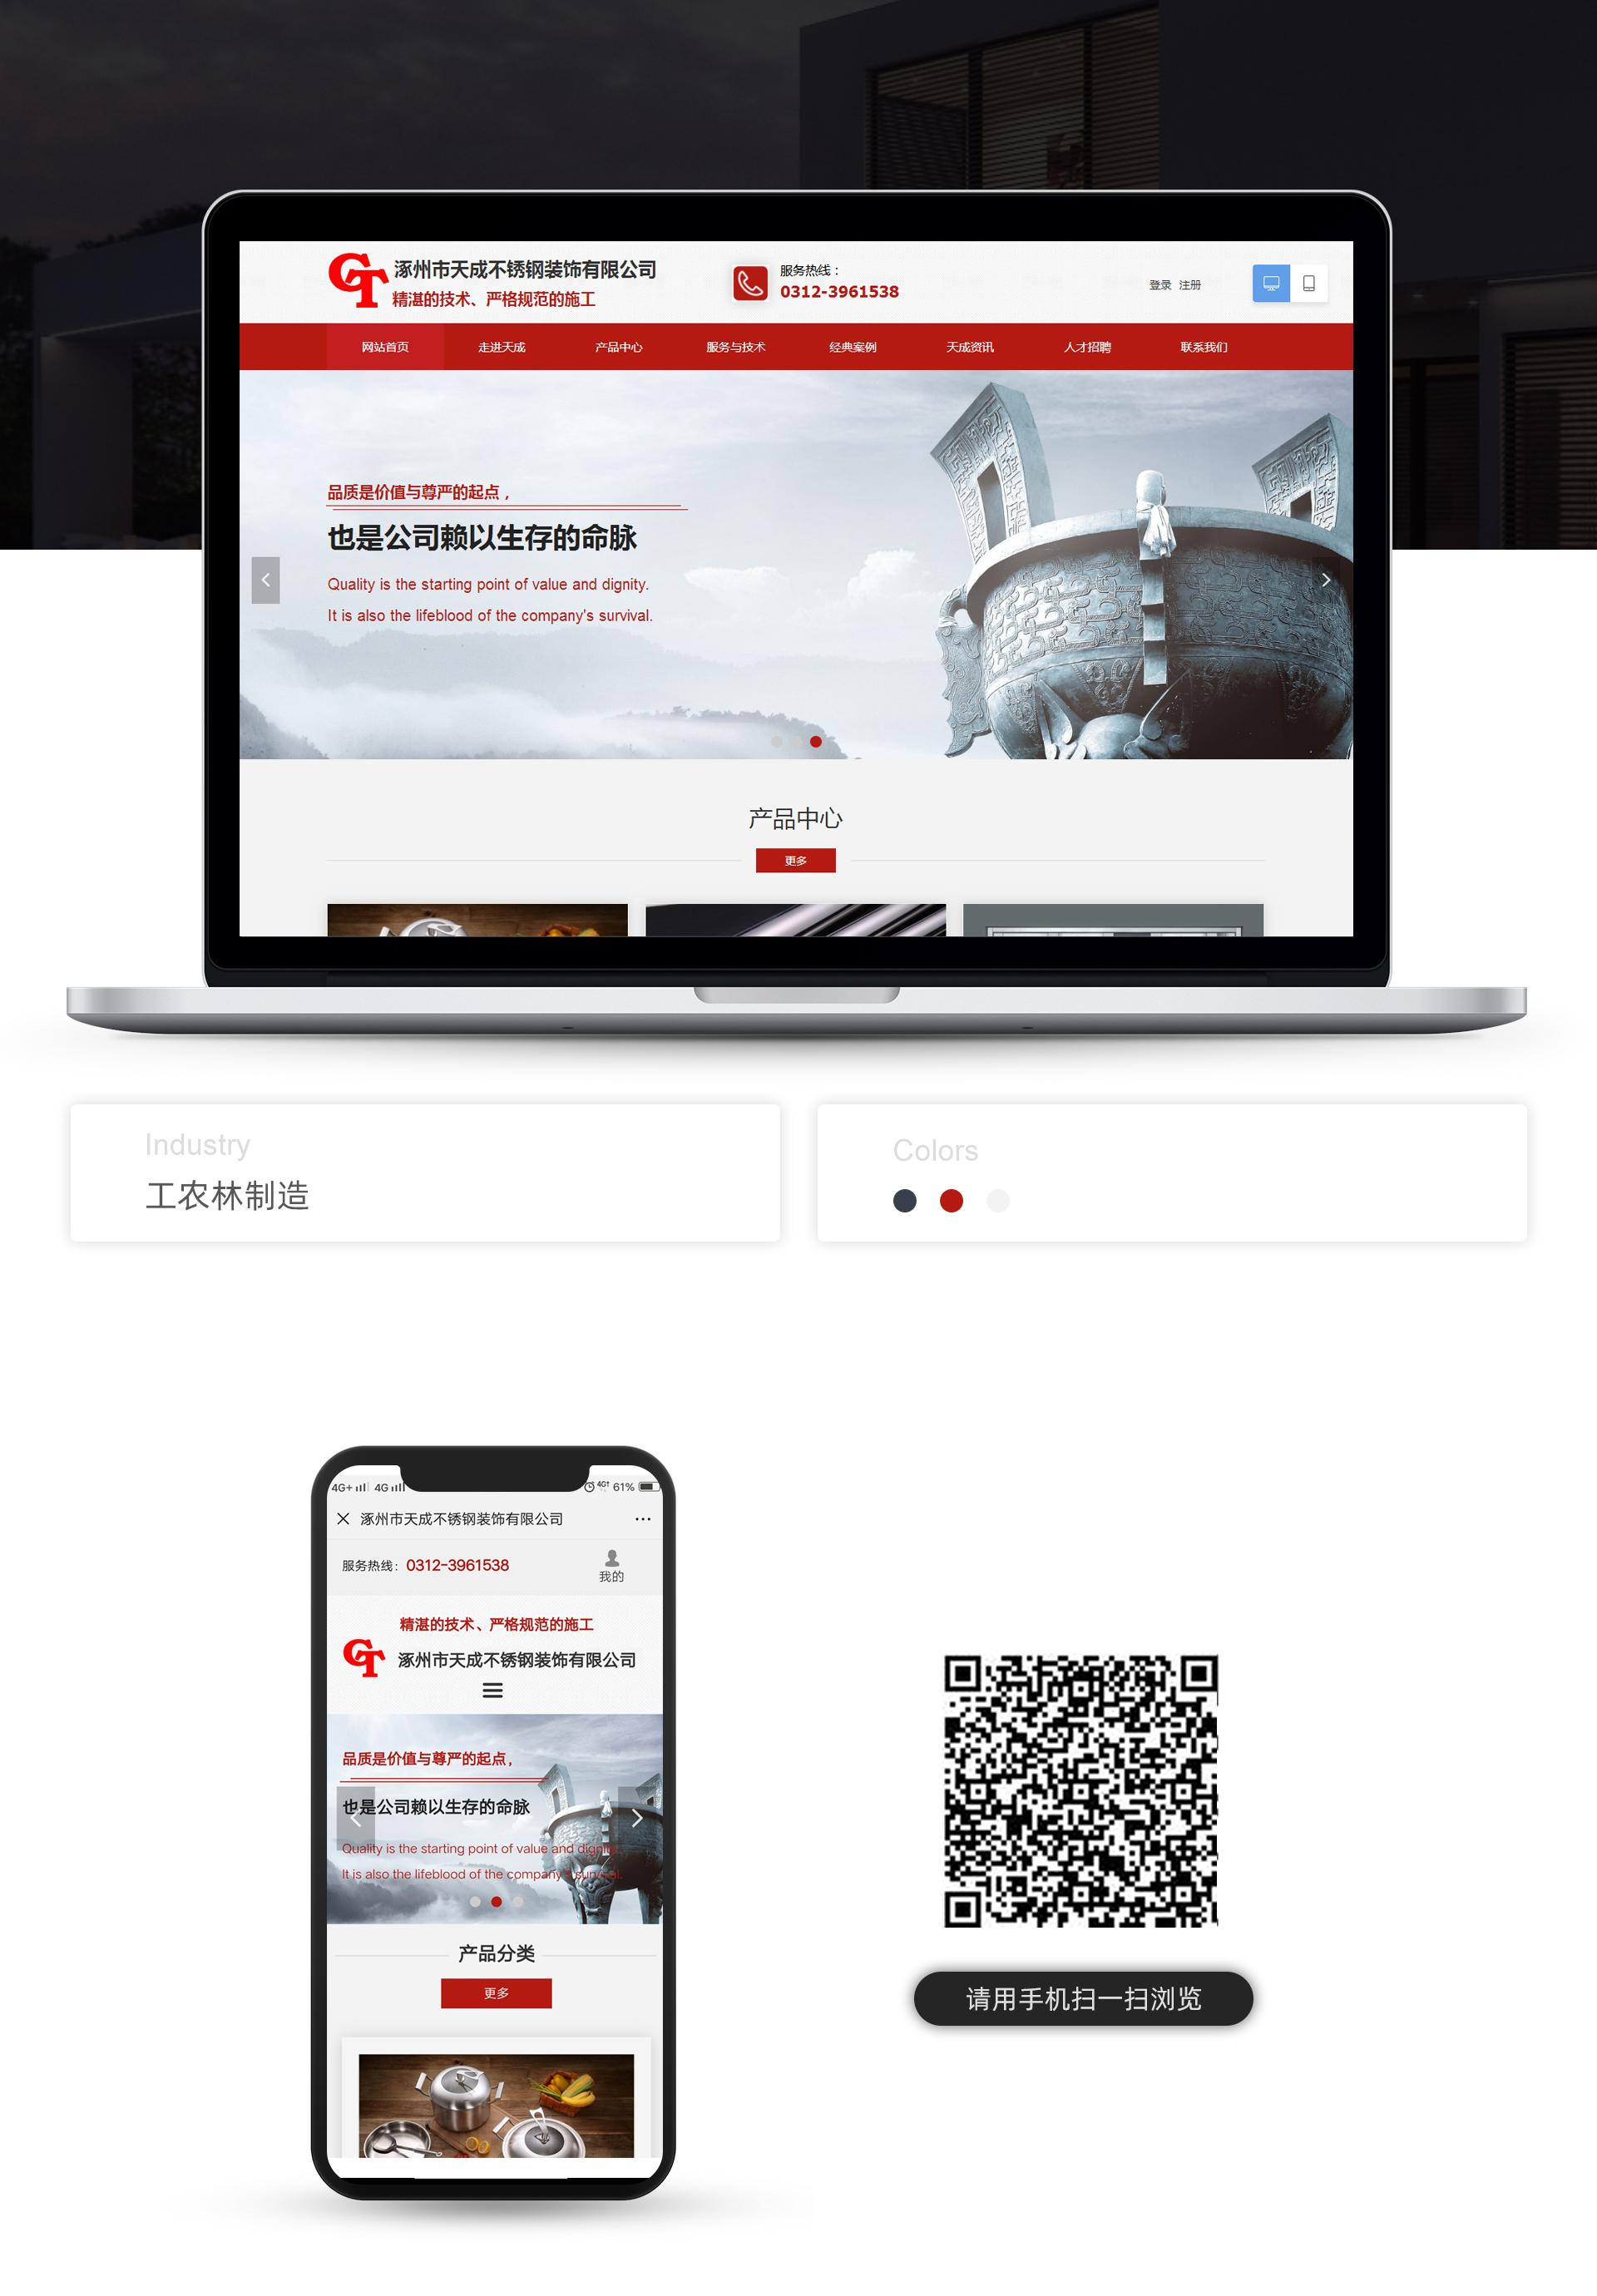 陕西万博-陕西万博——王艳妮云企案例设计简介-有手机版_01